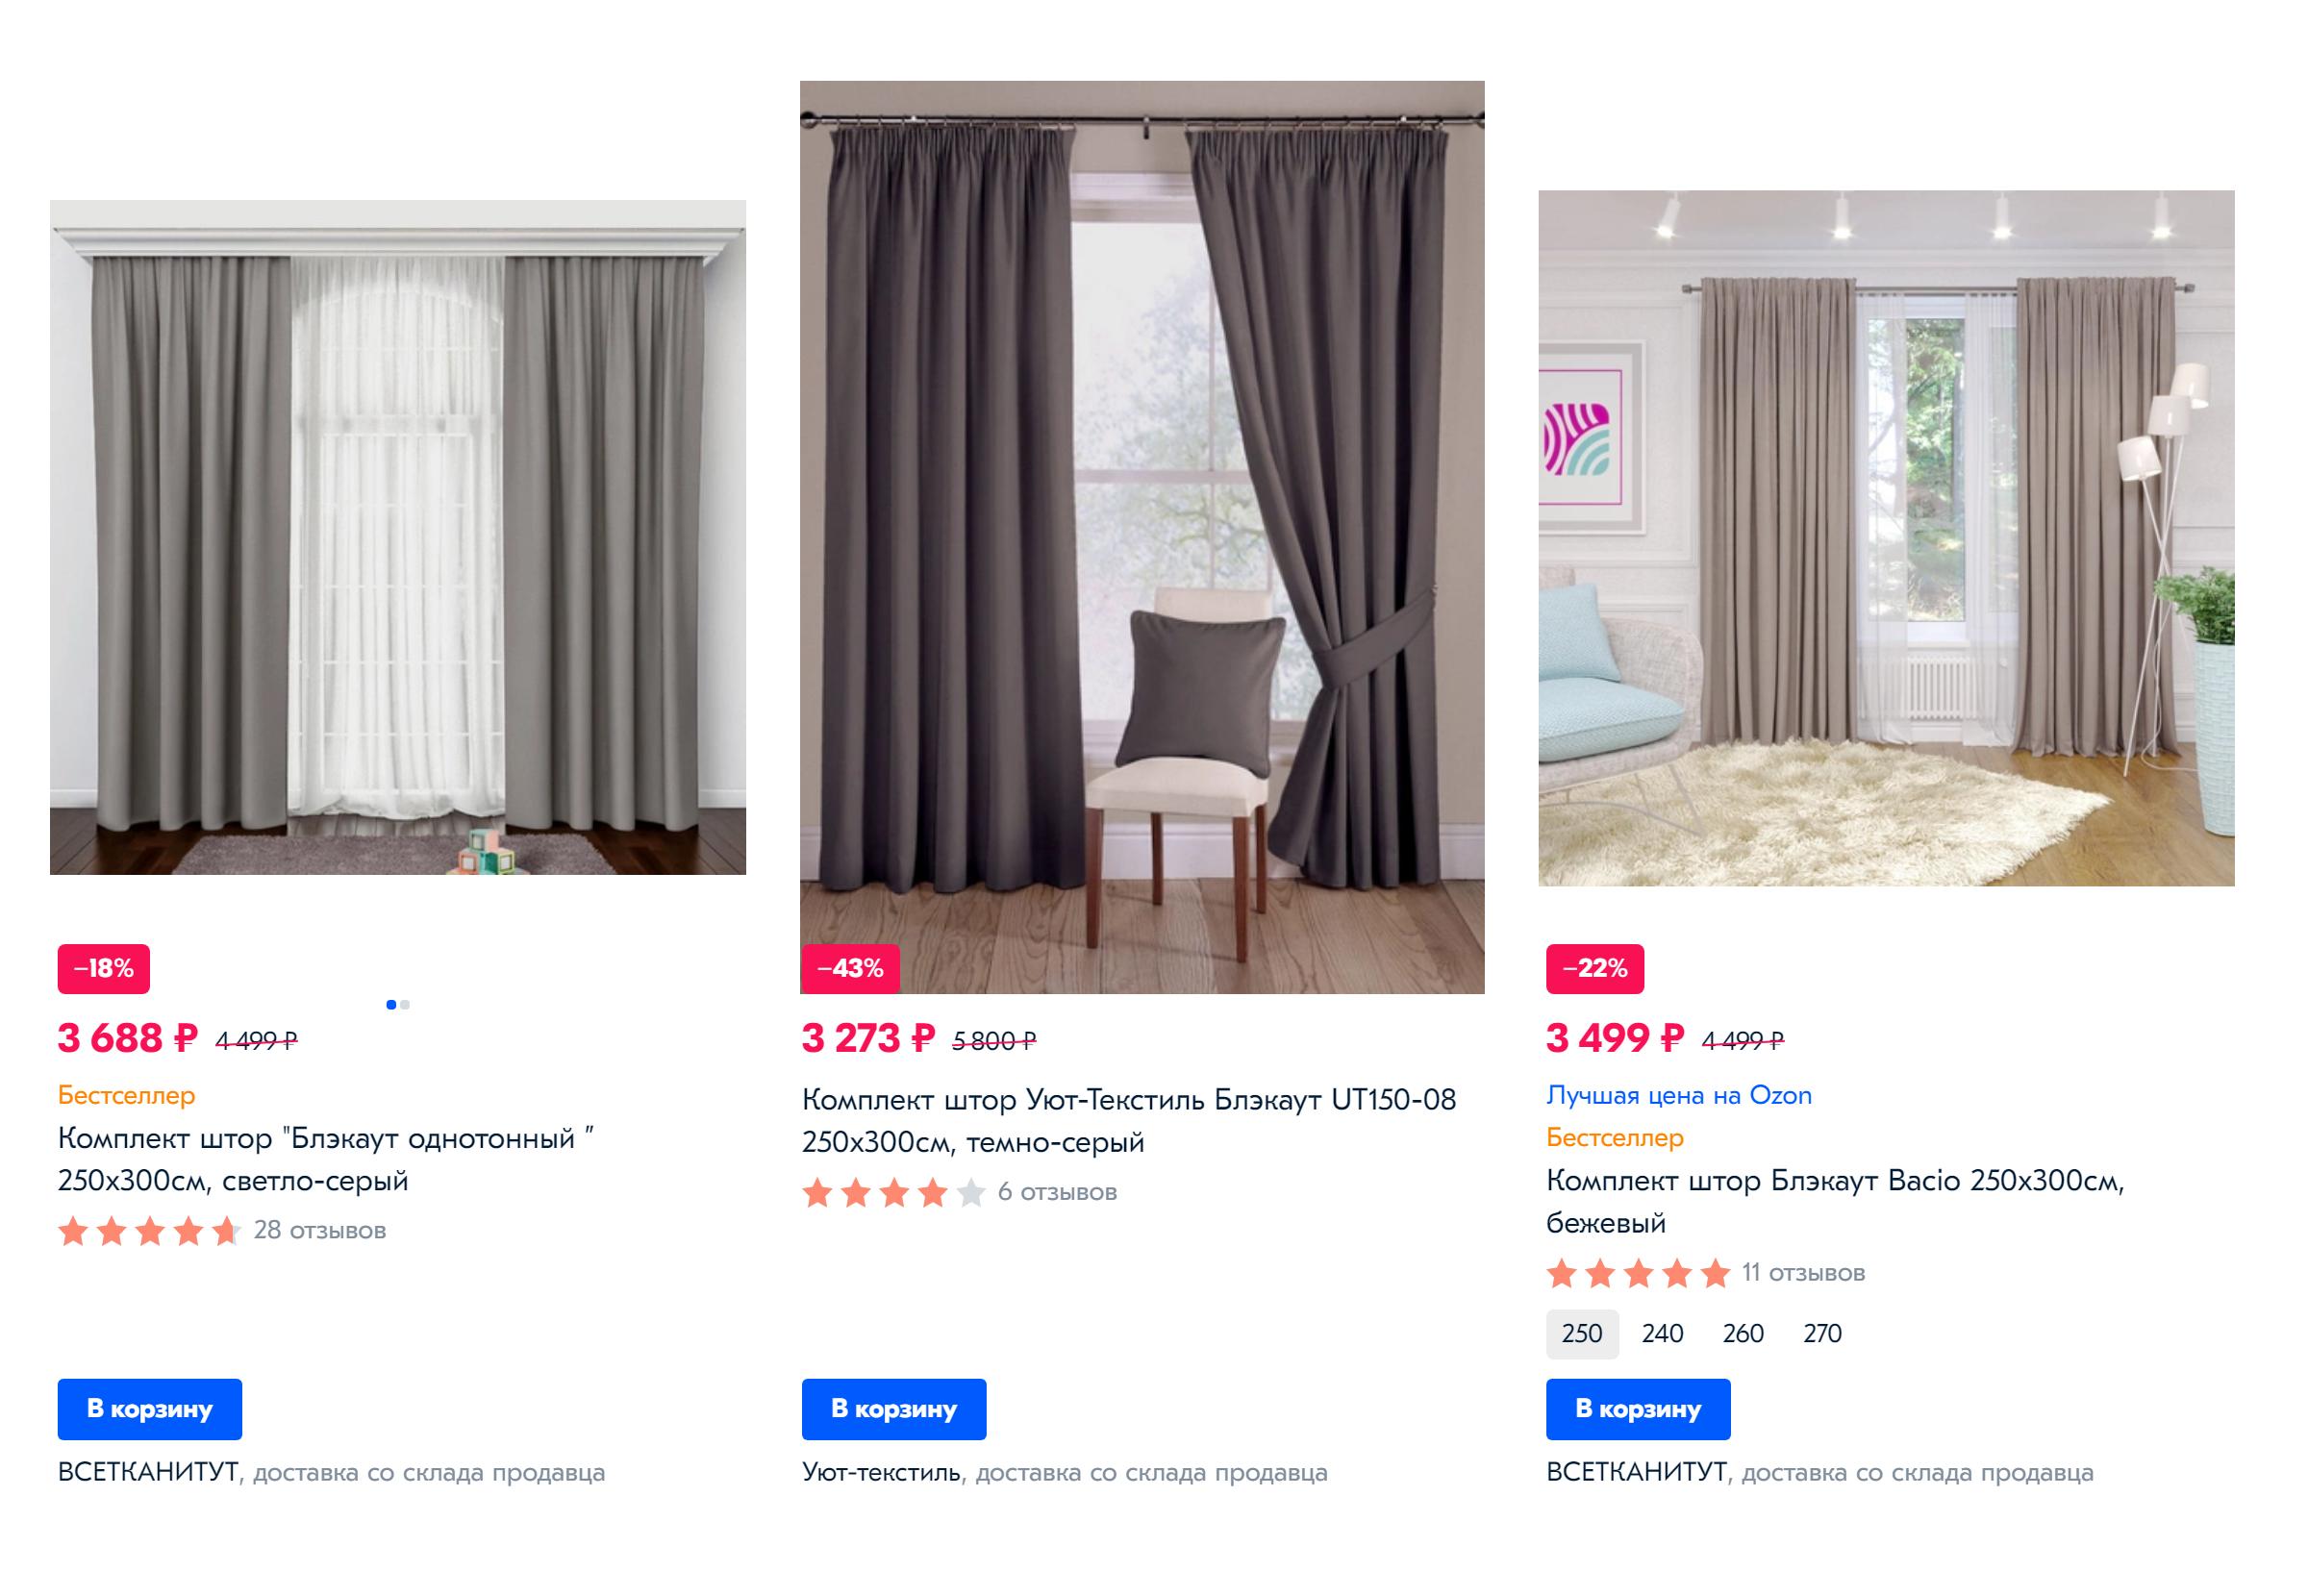 Чтобы в комнату не проникал свет, мешающий сну, можно повесить блэкаут-шторы. Цены на такие шторы в «Озоне» начинаются от 454<span class=ruble>Р</span> за рулонные варианты и от 3273<span class=ruble>Р</span> за плотный текстиль